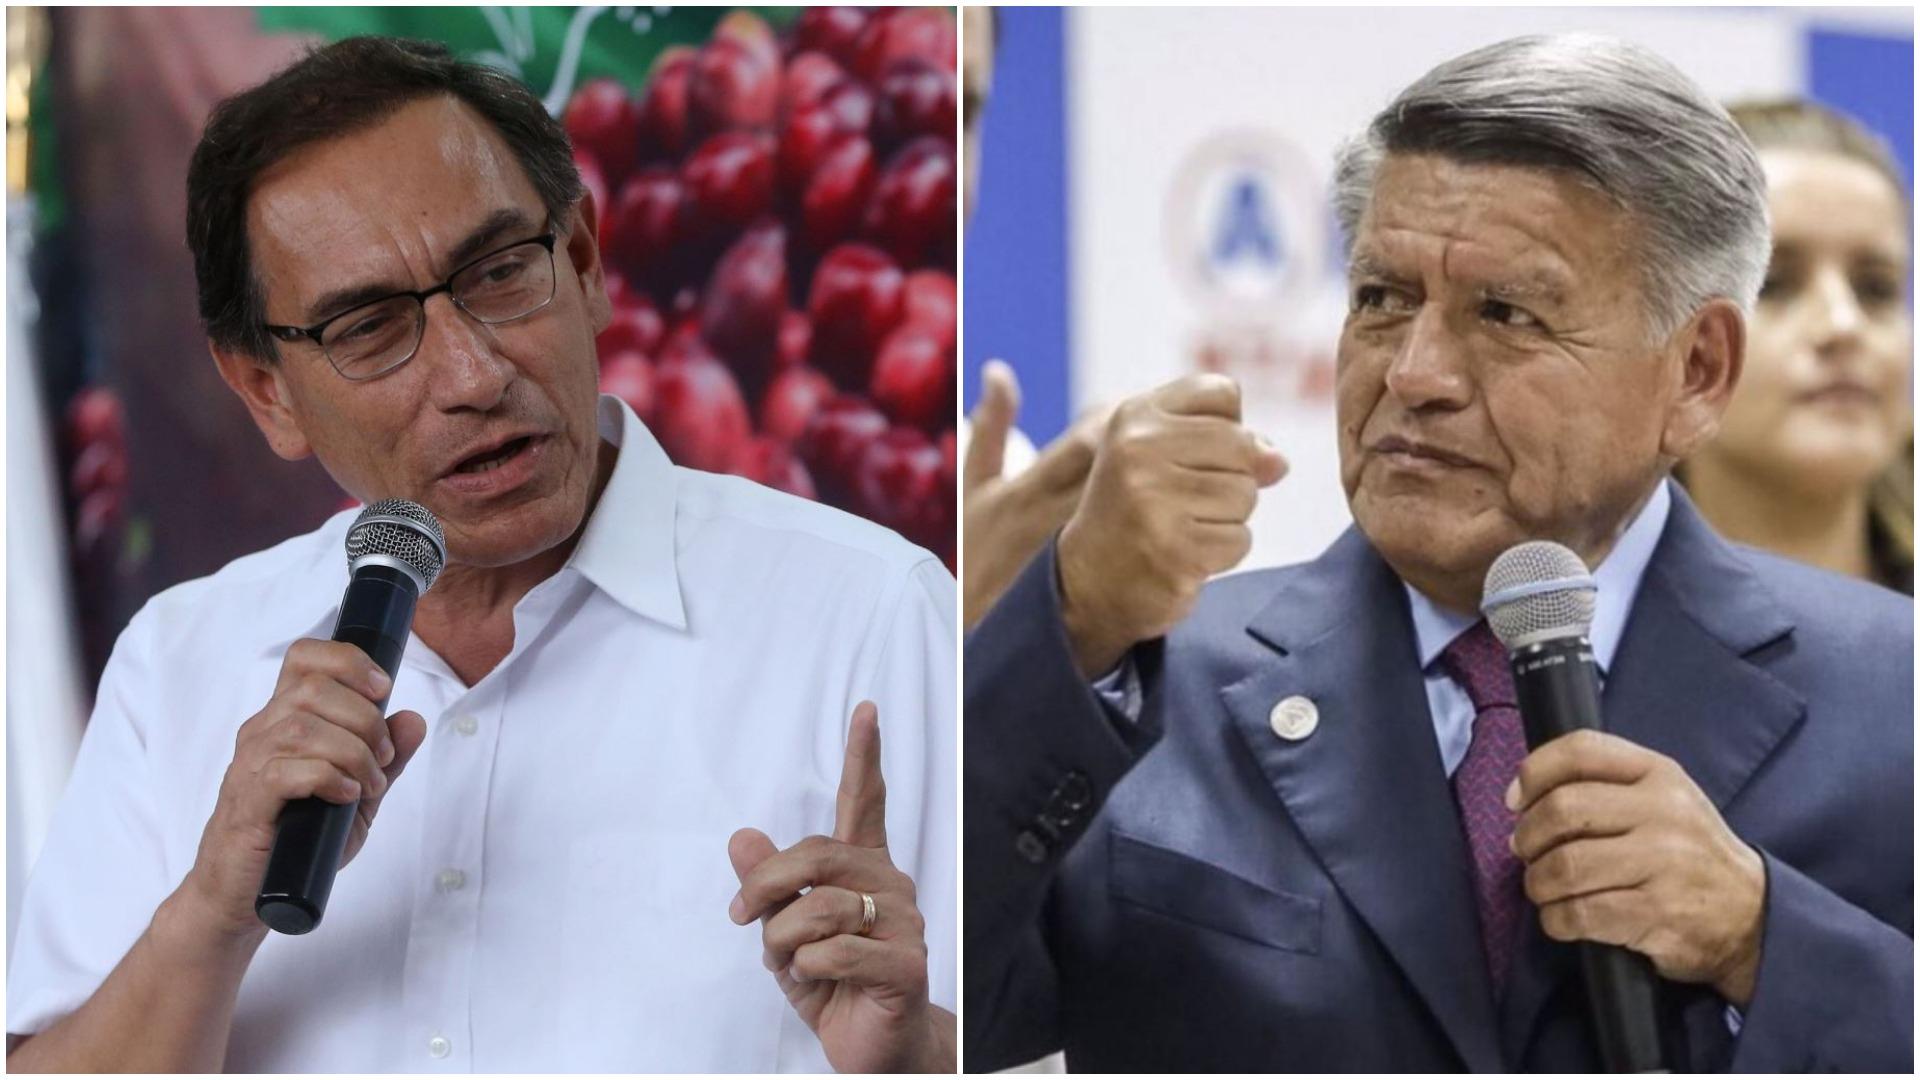 Martín Vizcarra destacó que se debe respetar la decisión del JNE sobre las candidaturas.